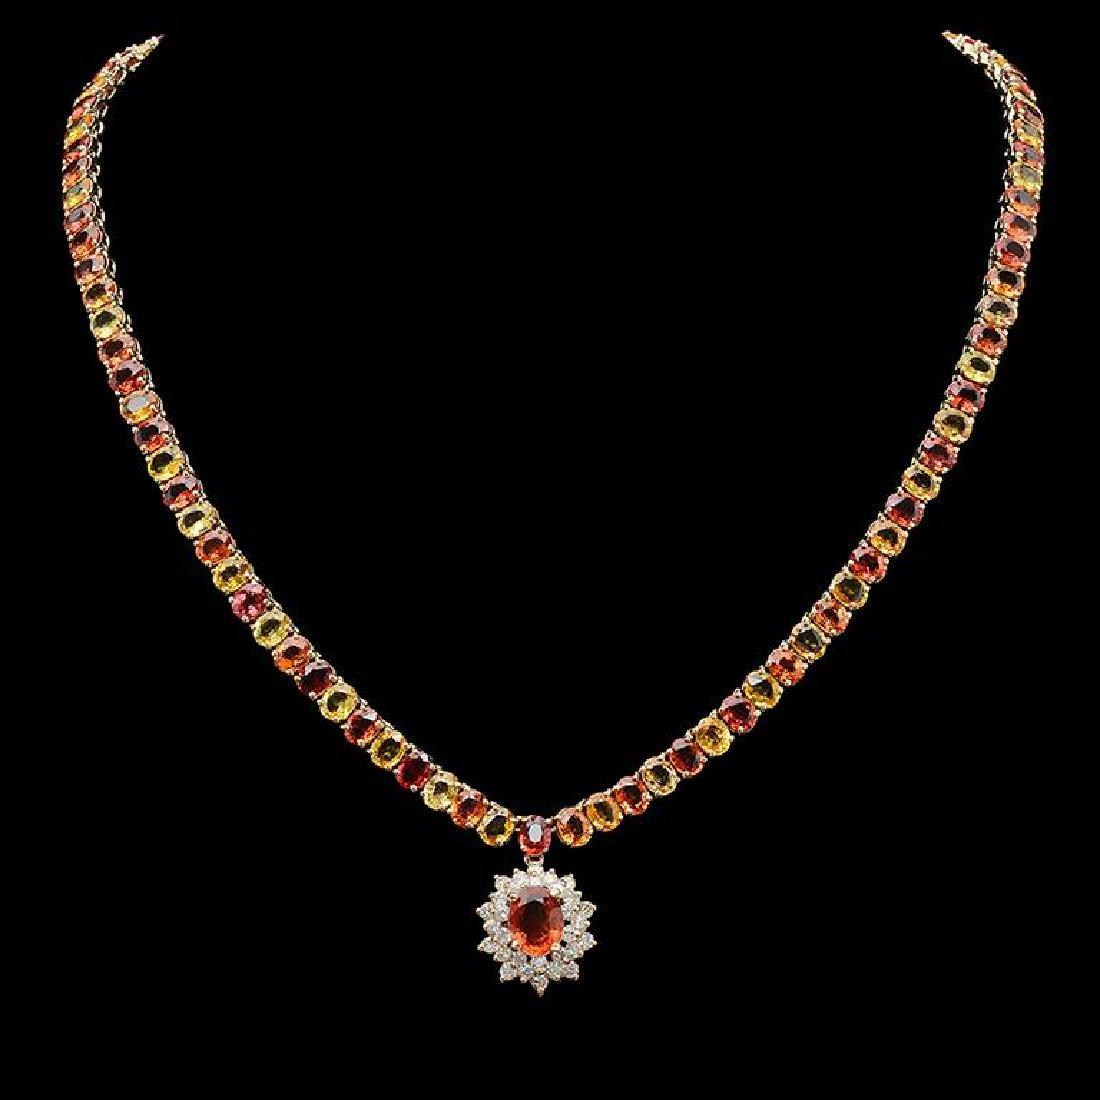 14K Gold 45.49ct Multi-Color Sapphire & 1.30ct Diamond